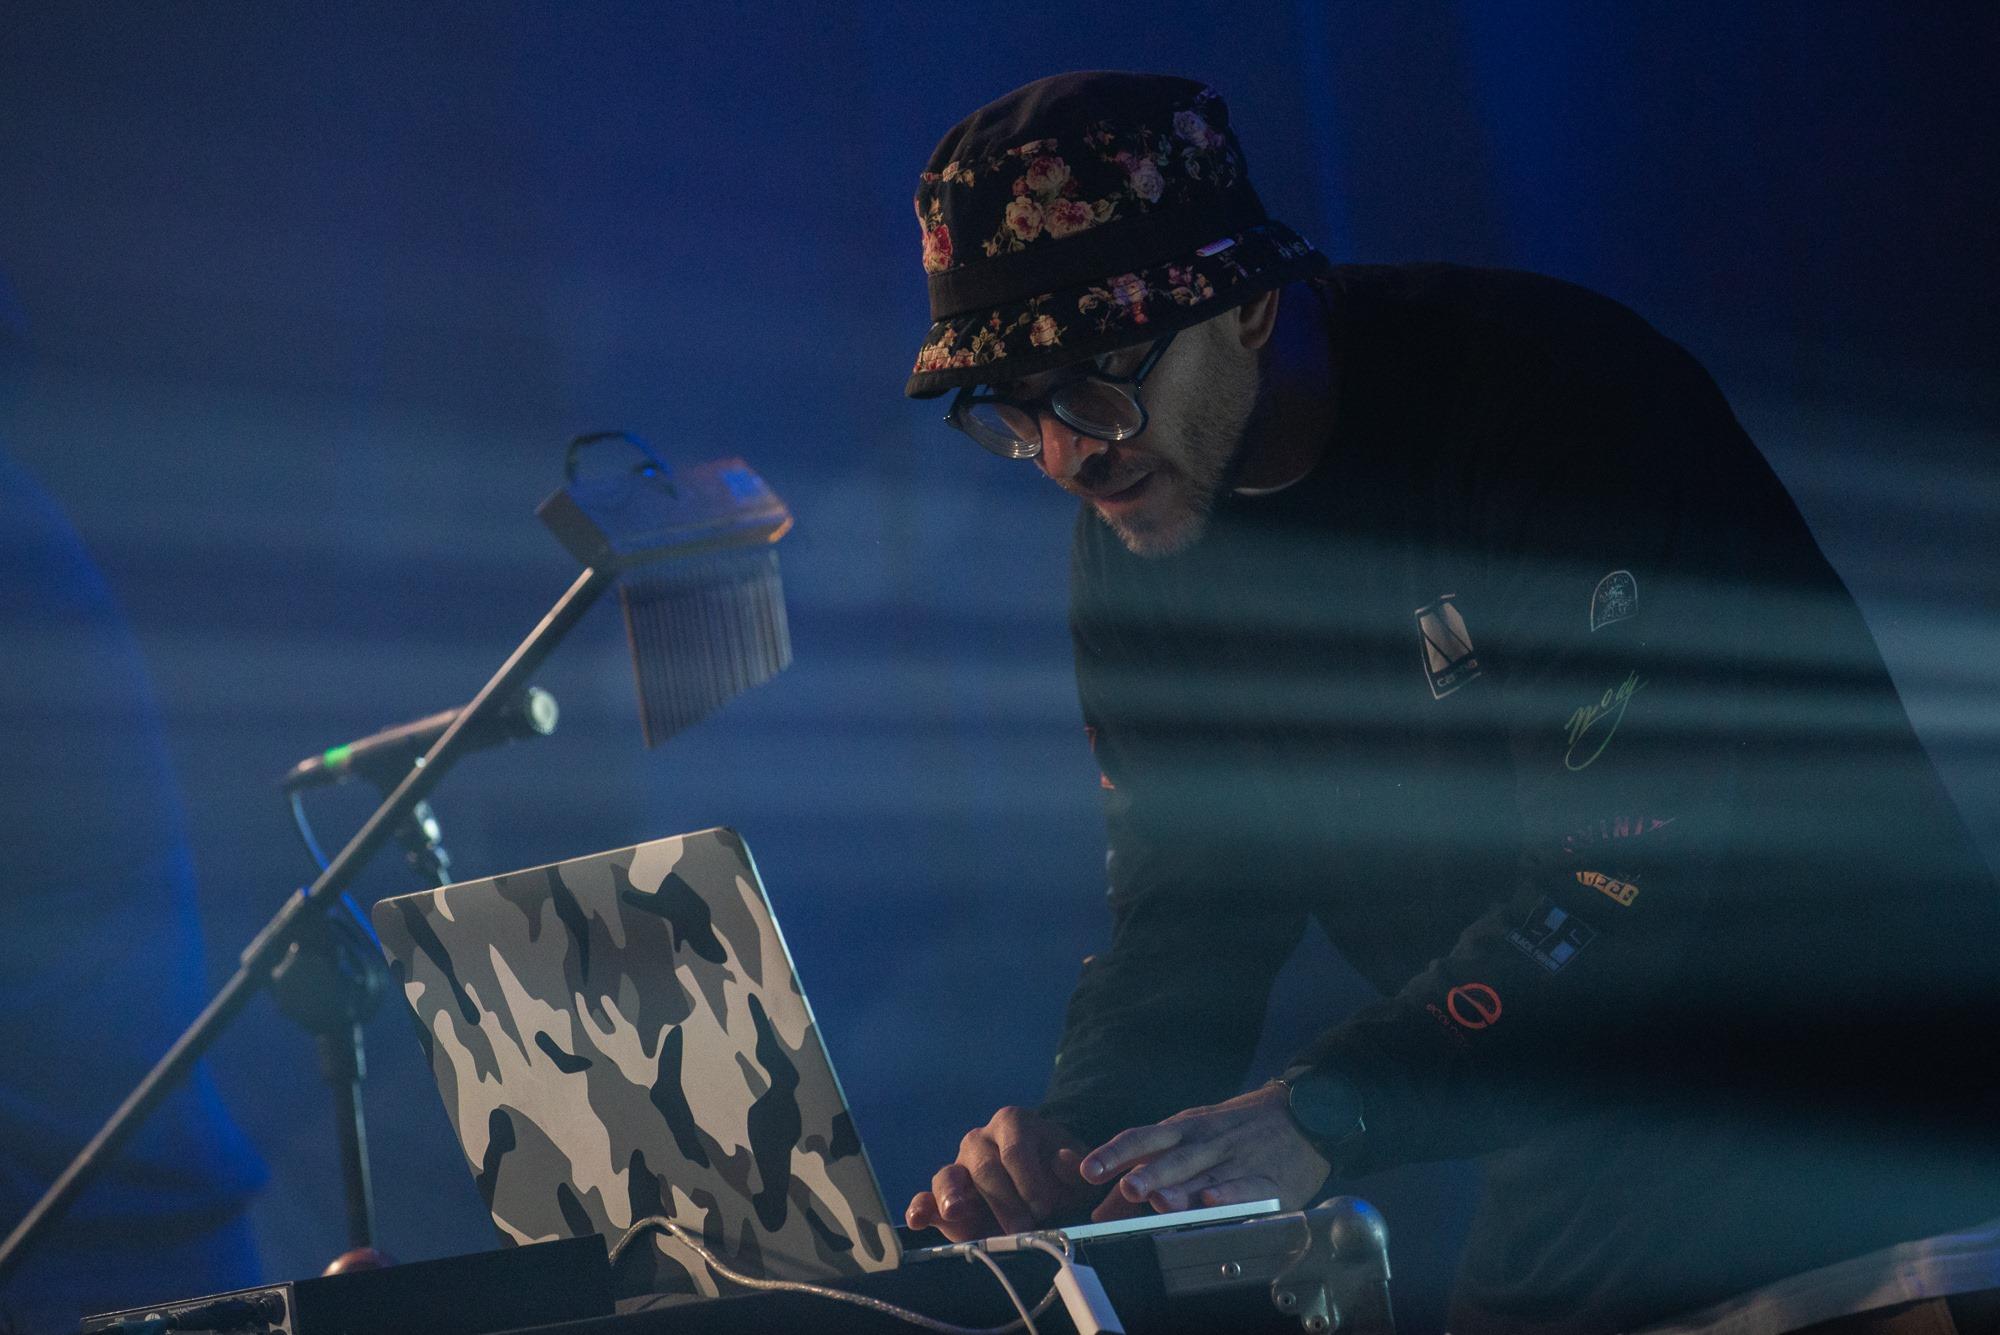 [Zdjęcie z koncertu. Mężczyzna w ciemnej czapce w kwiaty pochyla się nad laptopem w moro. Na nosie ma okulary. Oświetlony jest niebieskim światłem.]